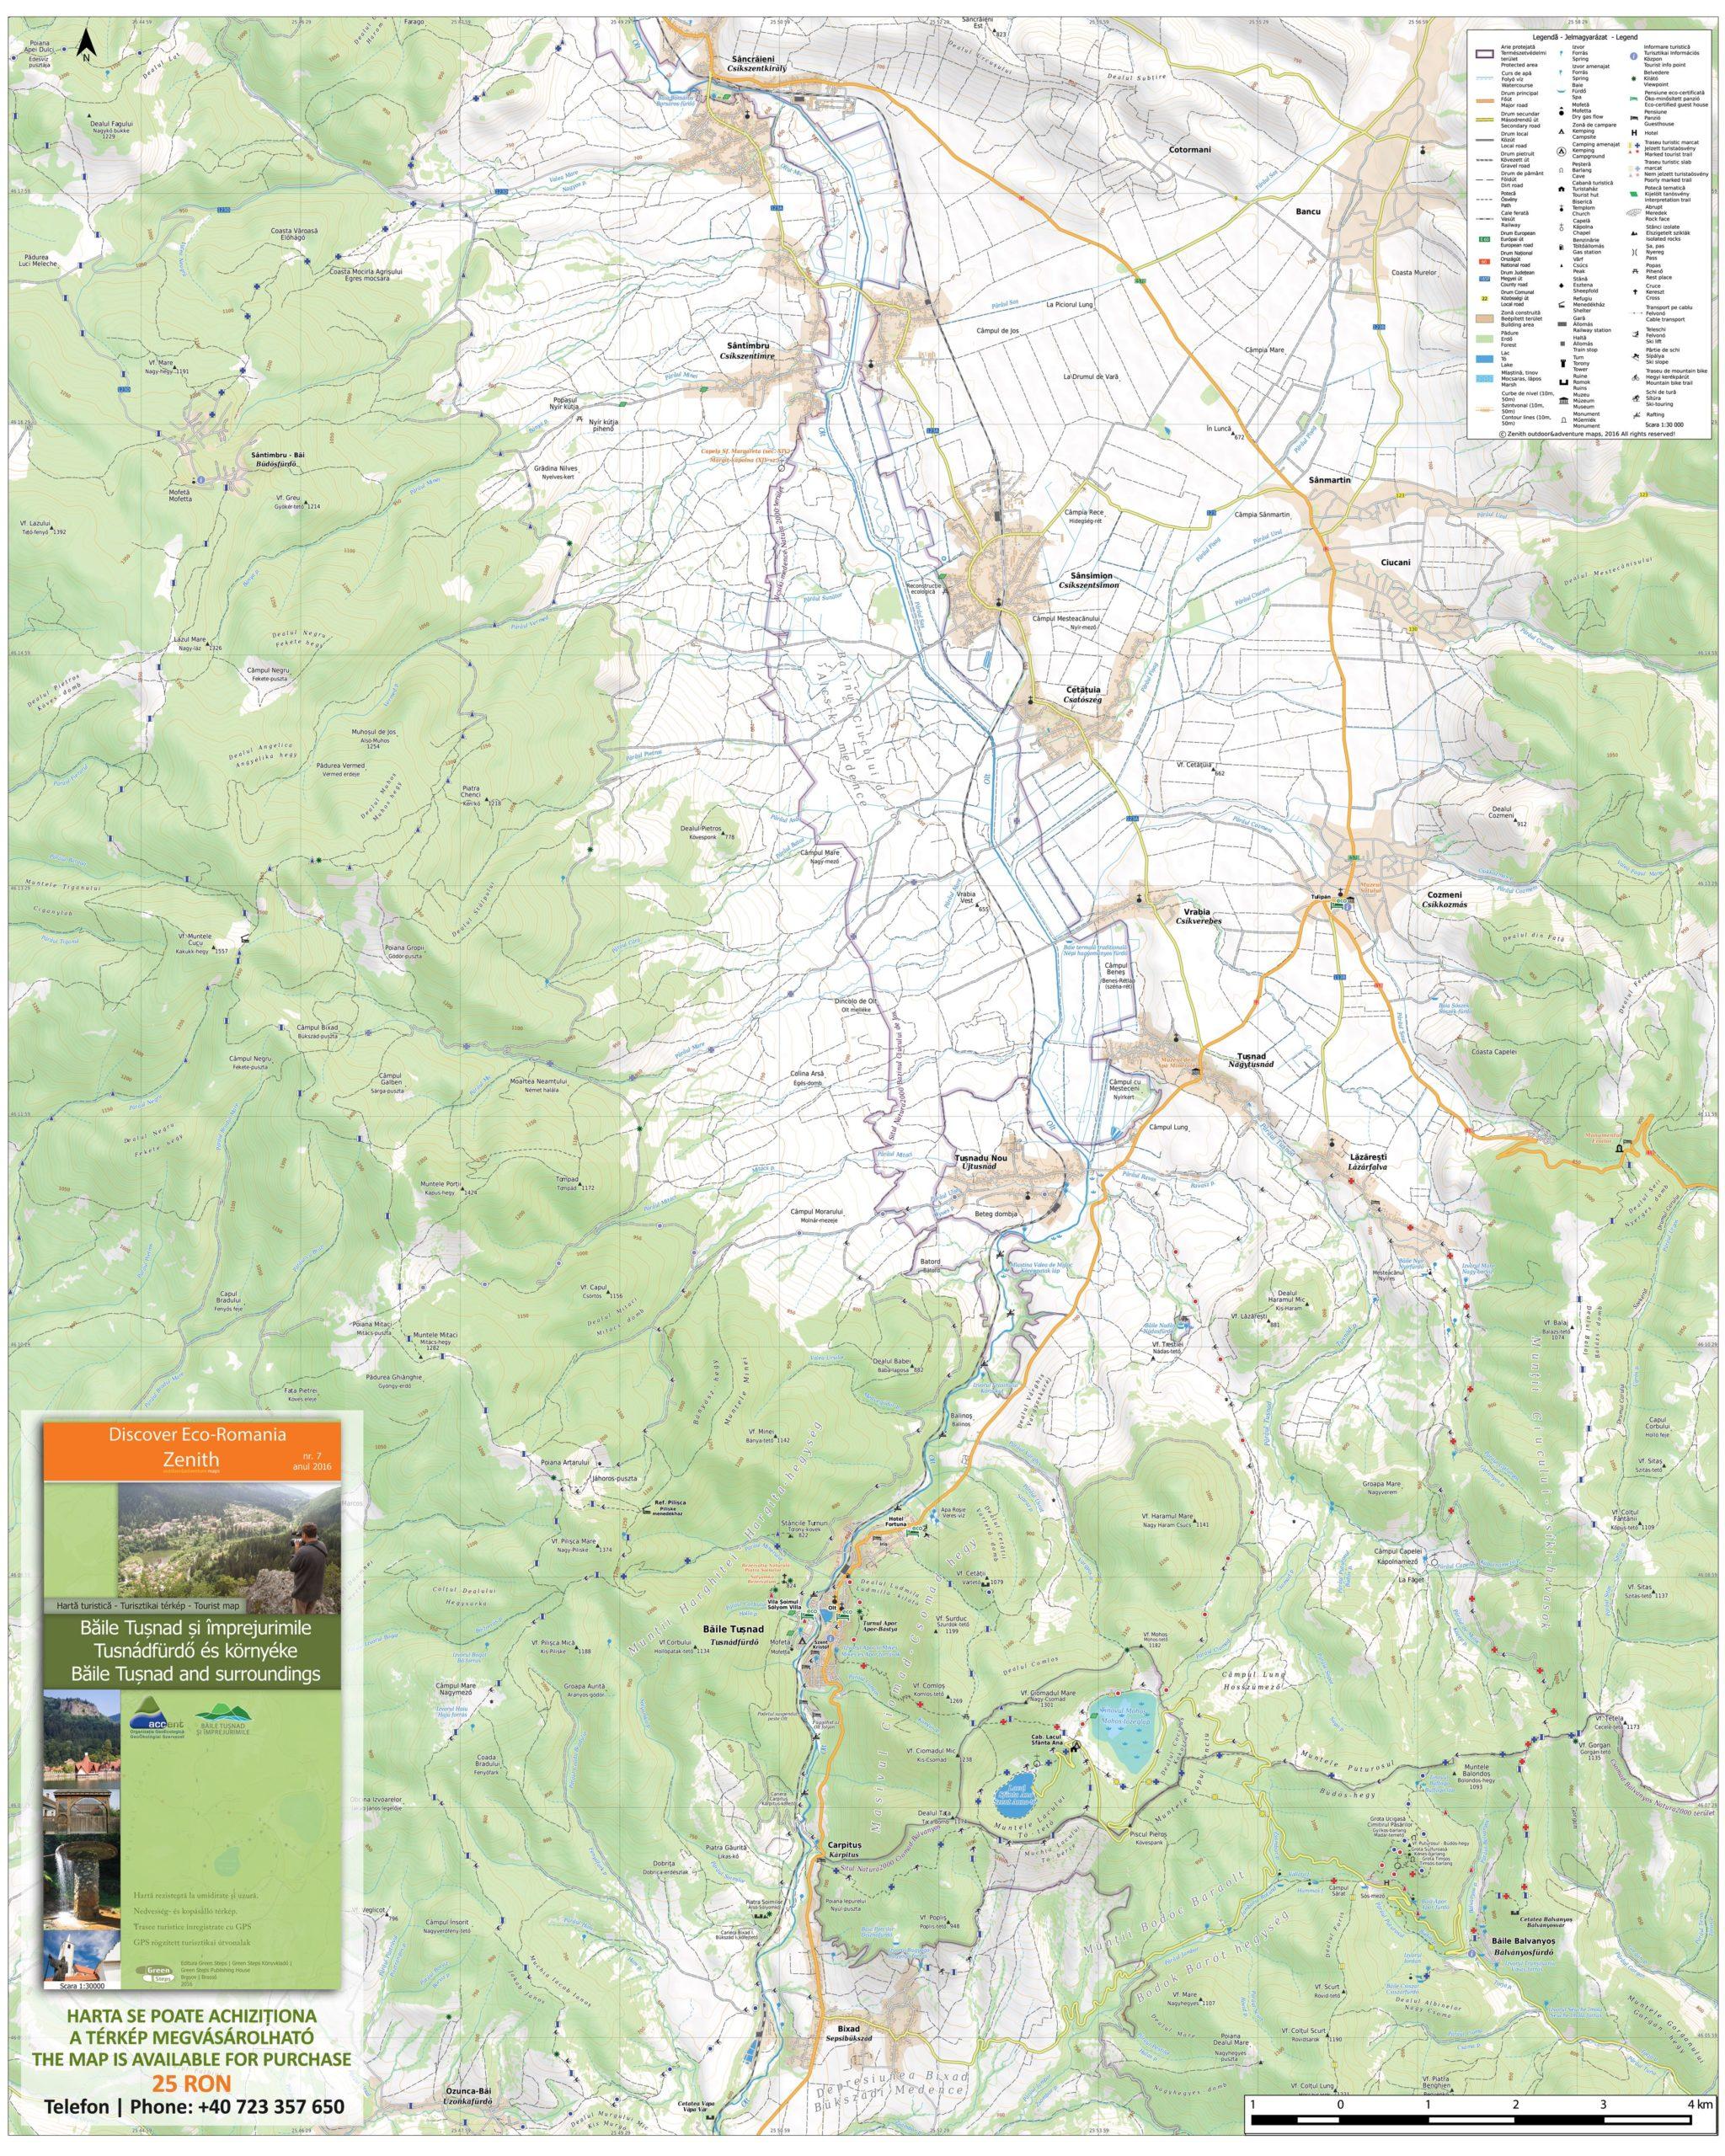 Harta destinatiei Baile Tusnad si Imprejurimile